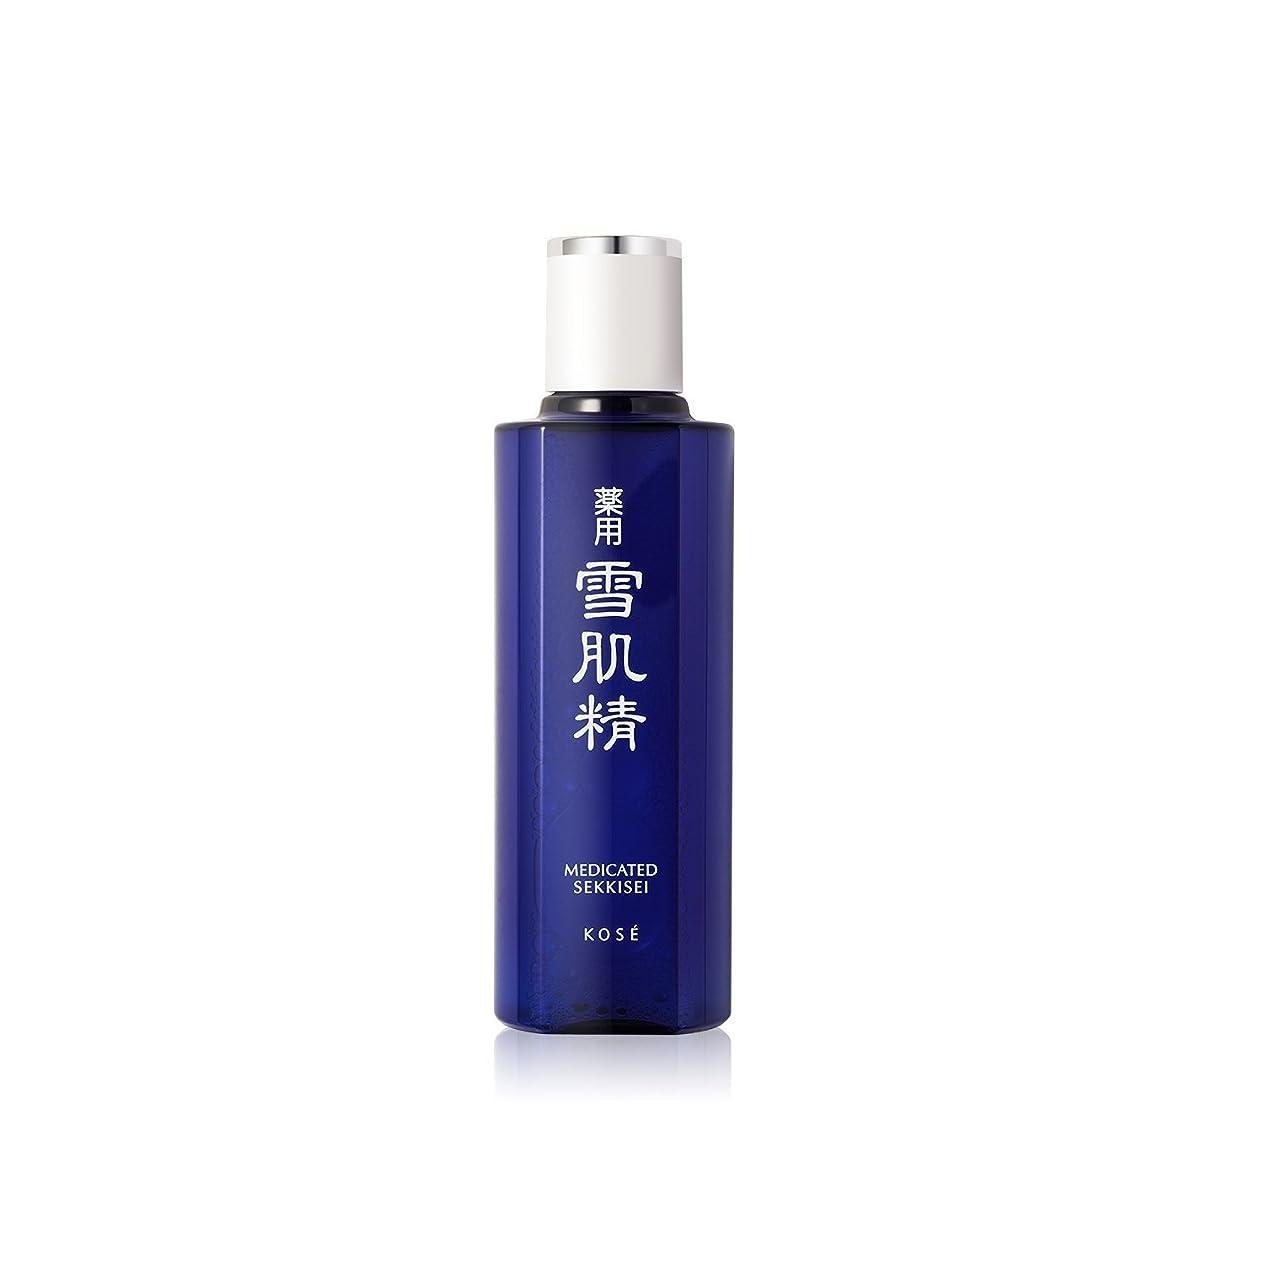 ゲージセーブ性能雪肌精 化粧水 エンリッチ 200ml [医薬部外品]